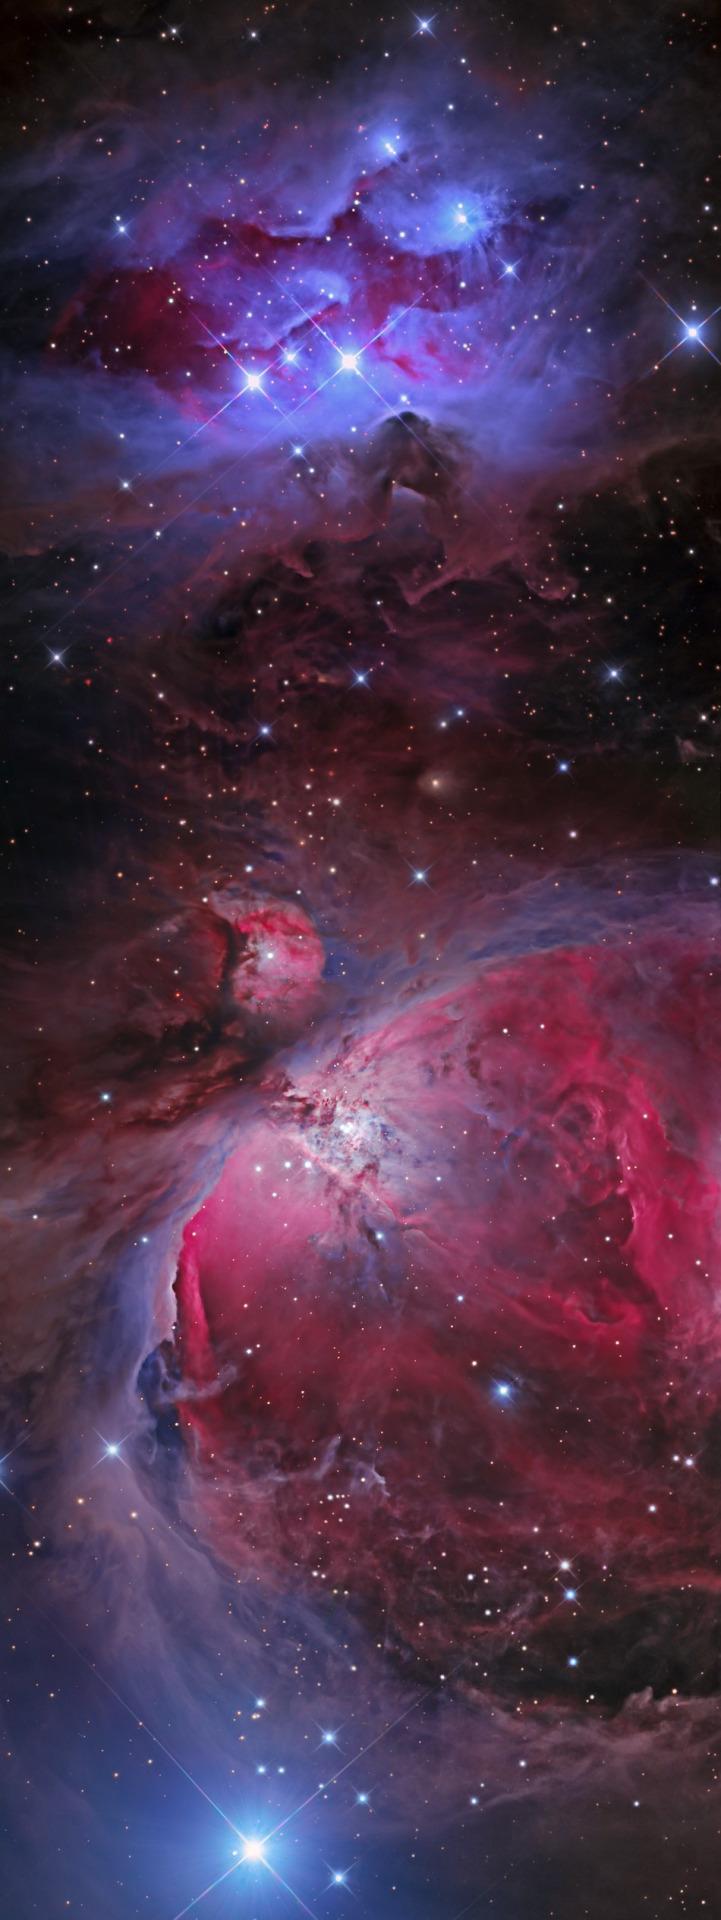 therunning-man-and-orion-nebula